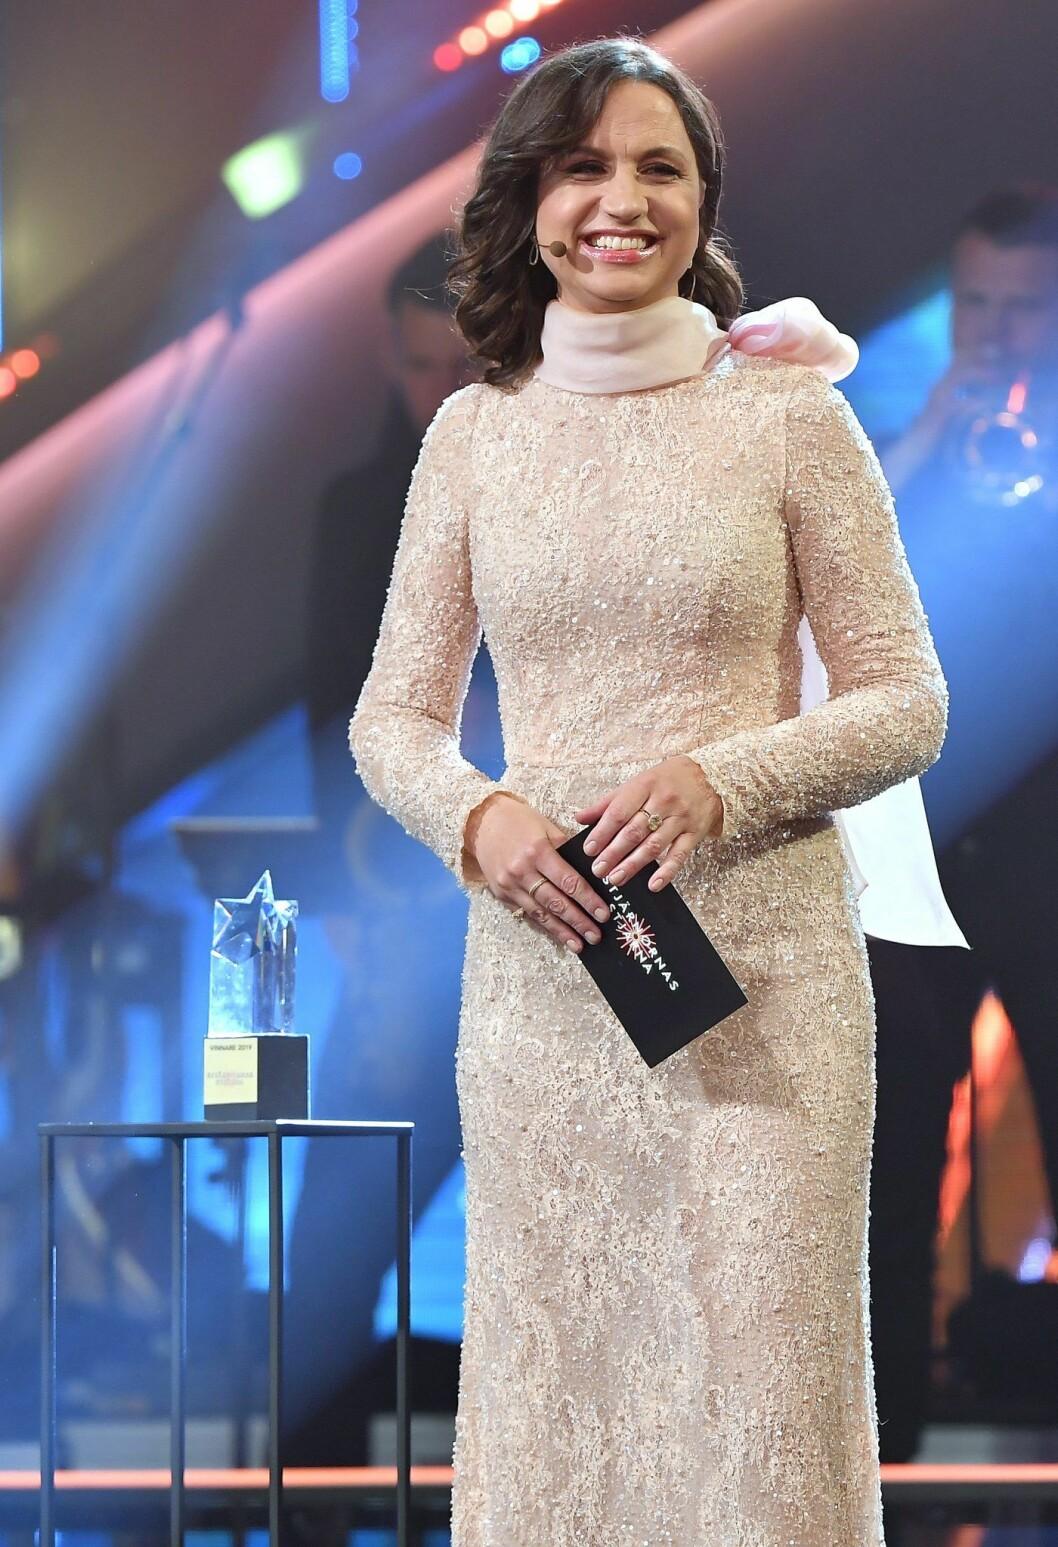 Eleganta Petra Mede under förra årets final av Stjärnornas stjärna.